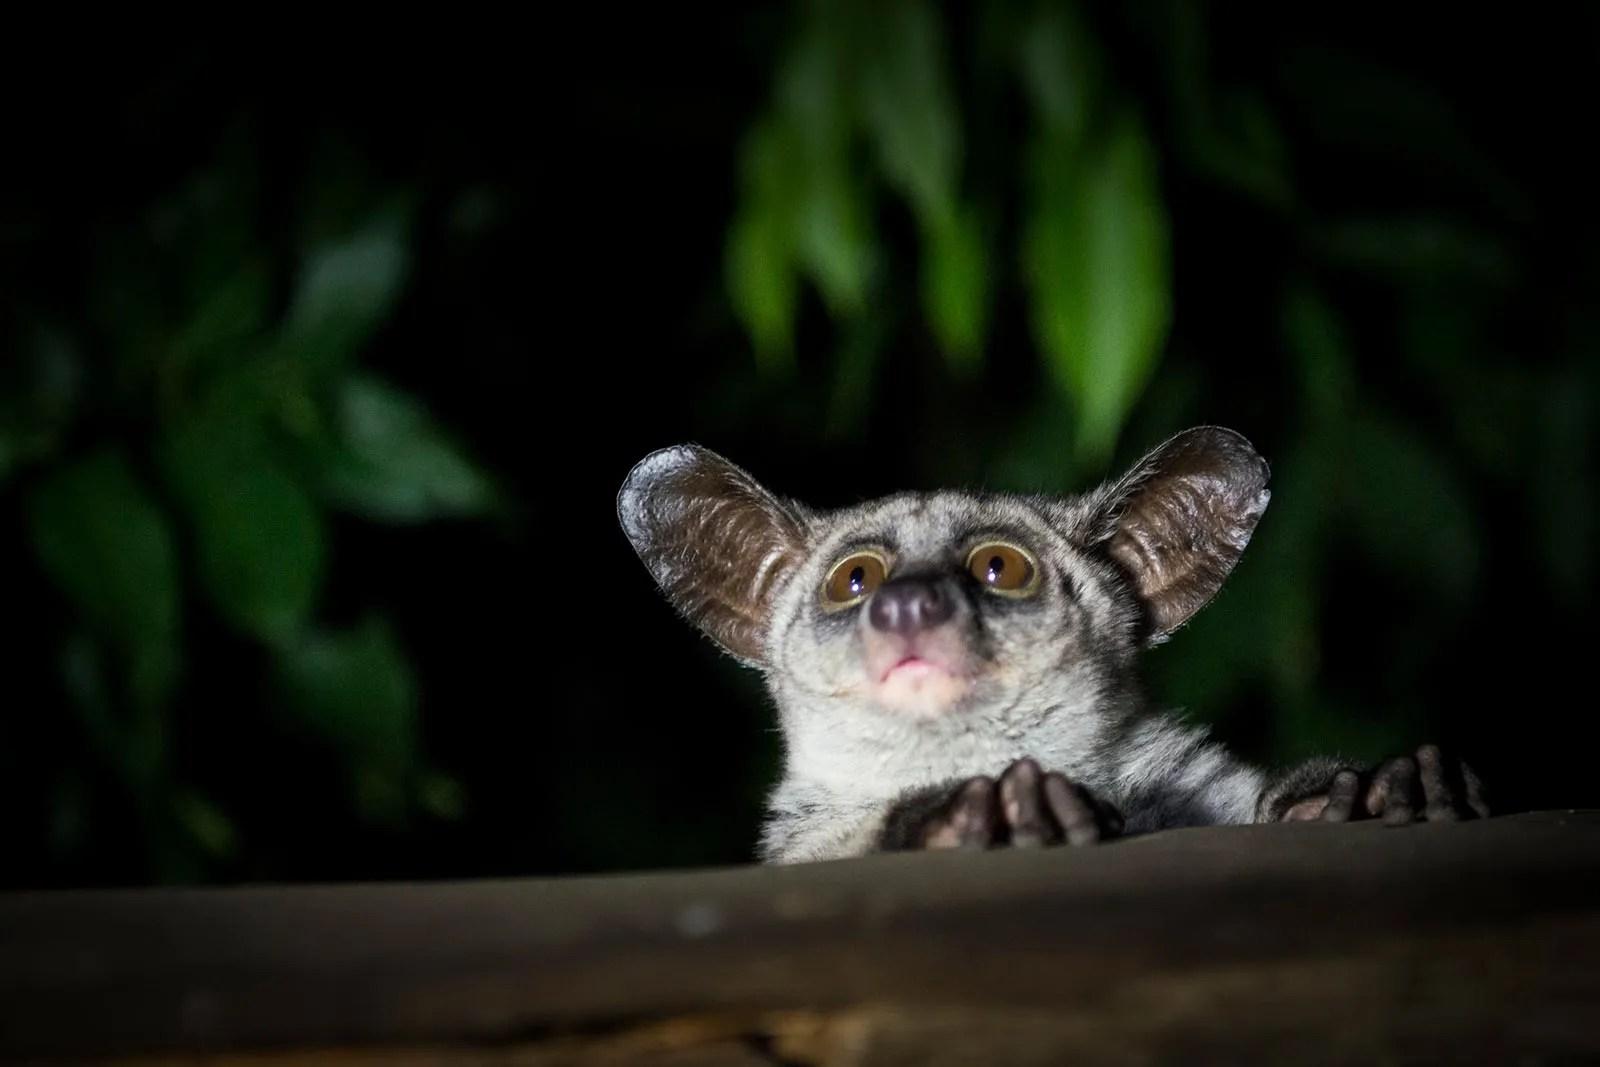 bushbaby uganda nocturnal animals